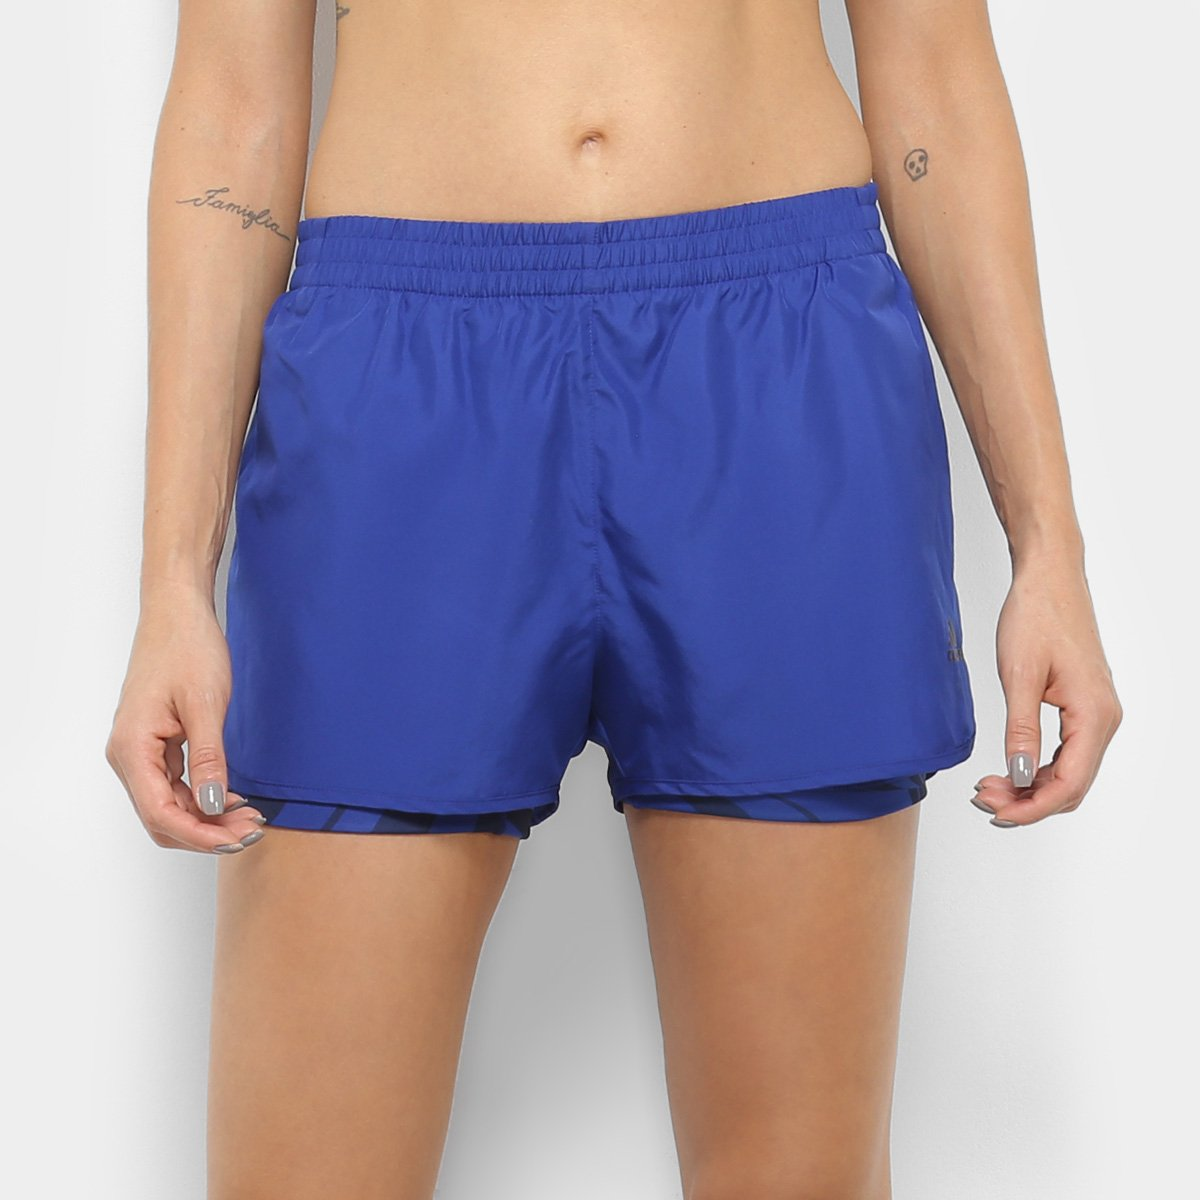 c1a18acf6 Short Adidas D2M Feminino - Azul - Compre Agora | São Paulo Mania